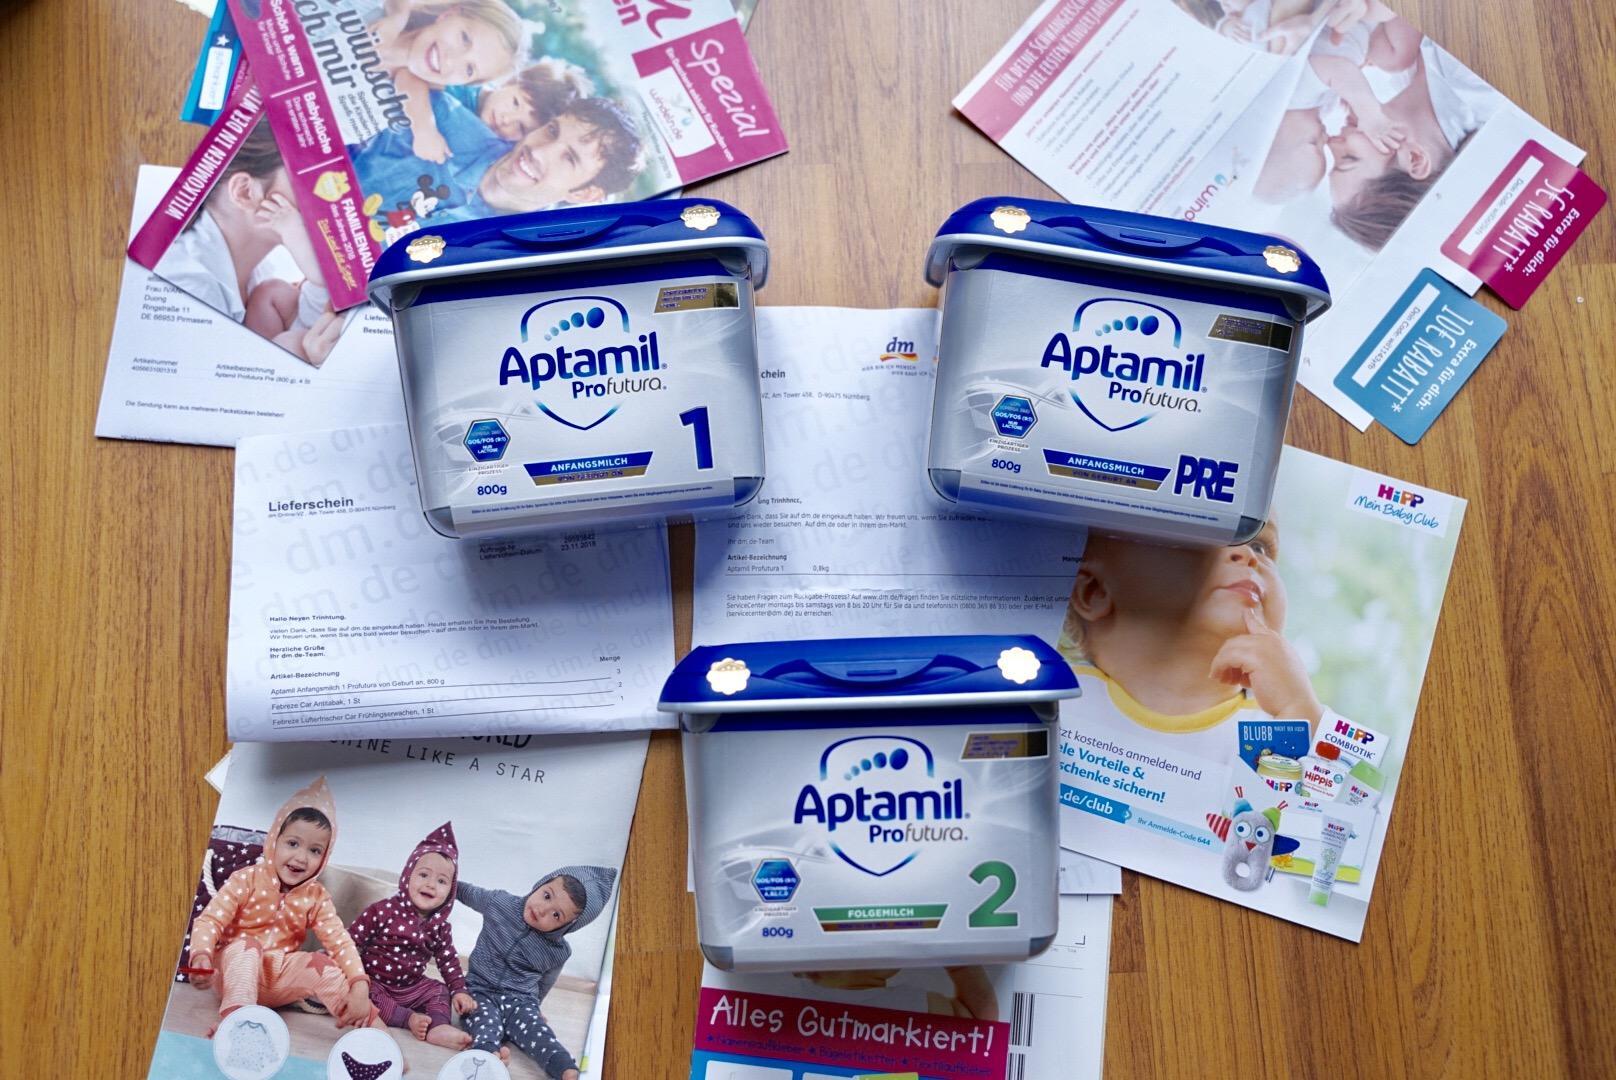 Sữa Aptamil Profutura (Nội Địa Đức) Mẫu Mới Đủ Số...